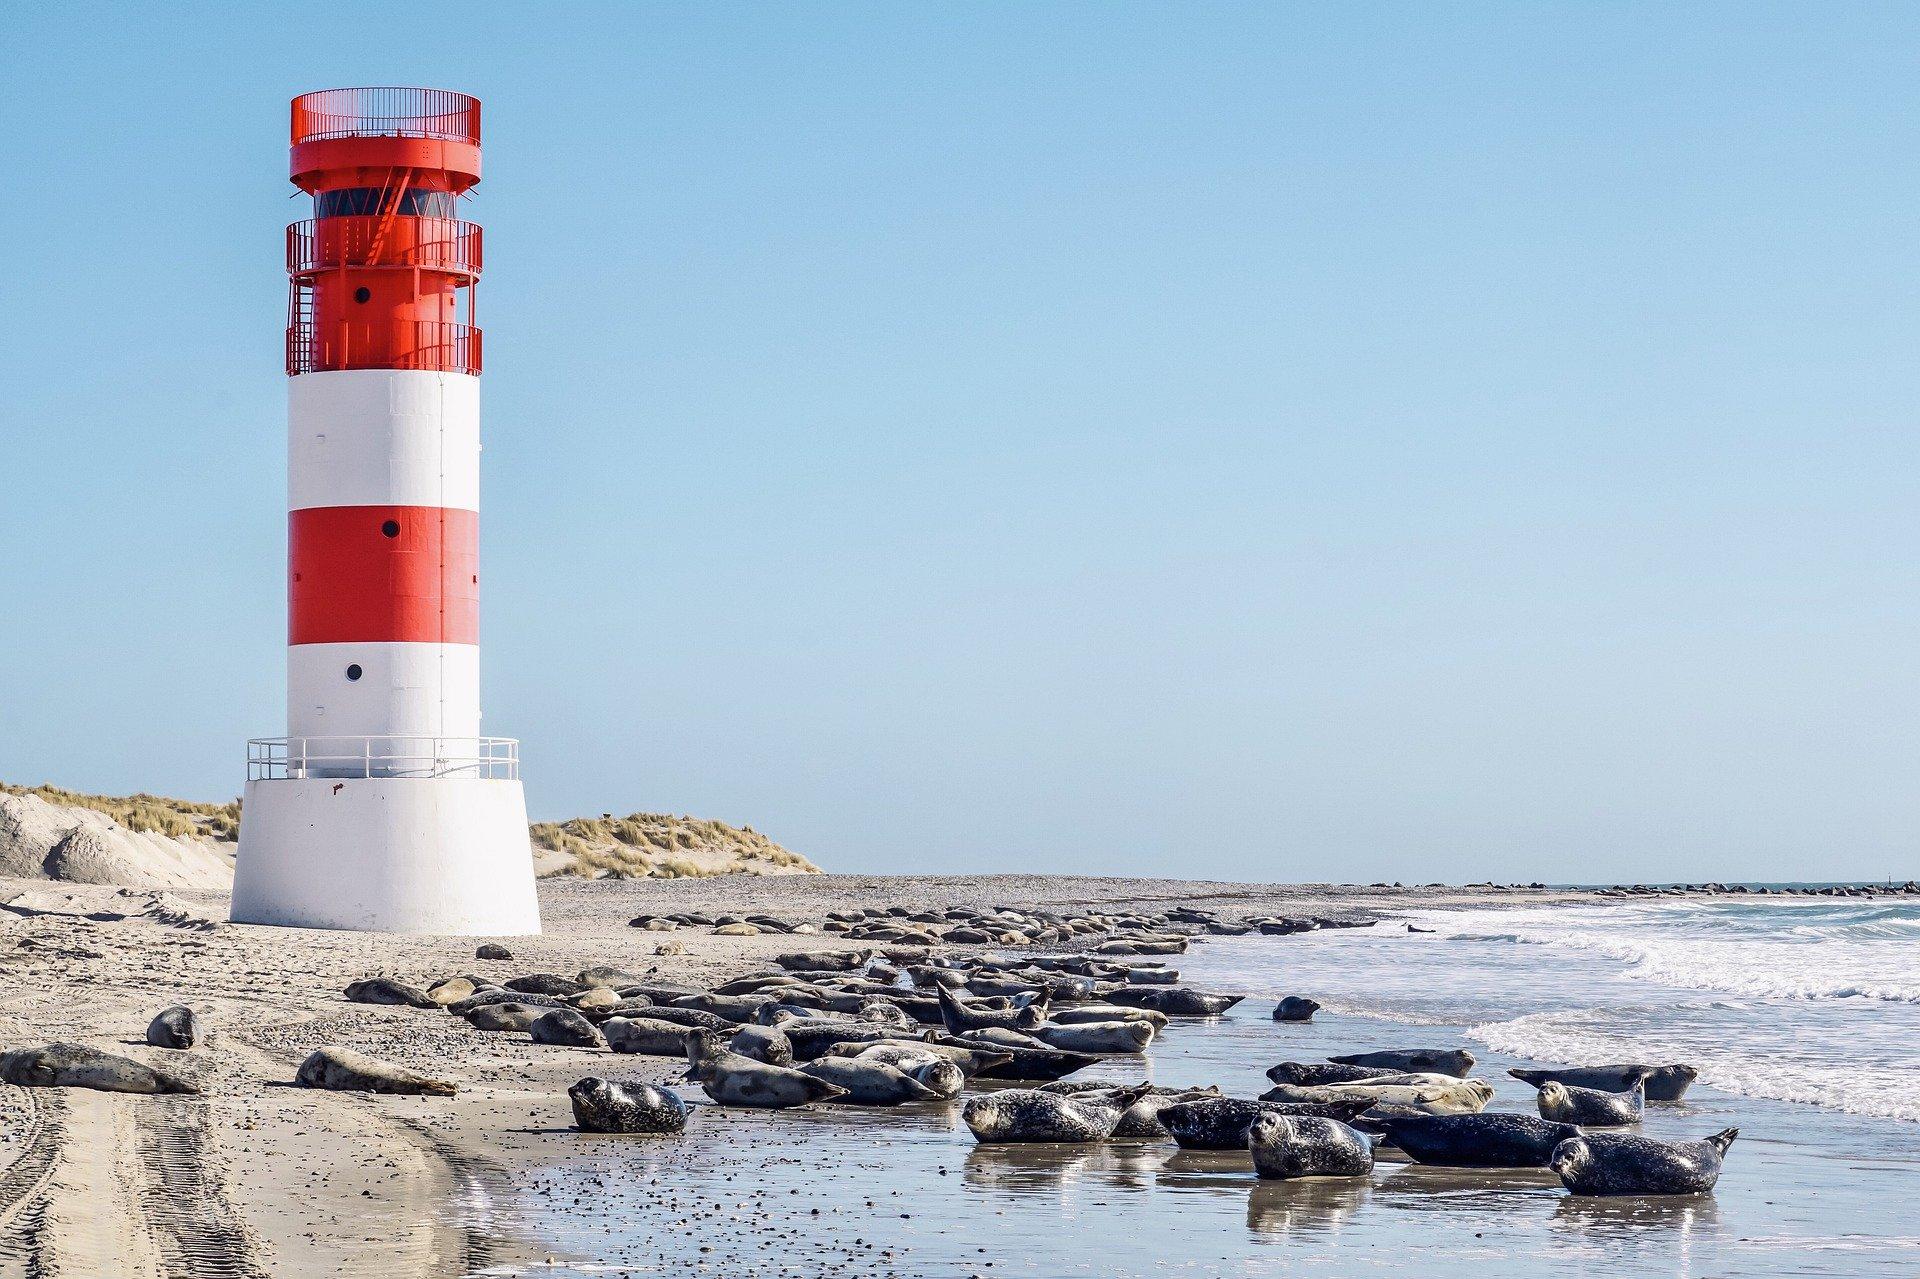 Ostseestrand, im Hintergrund Sanddünen mit leichter Begrasung, davor ein rot-weißer Leuchtturm. Am Strand liegen viele Kegelrobben.